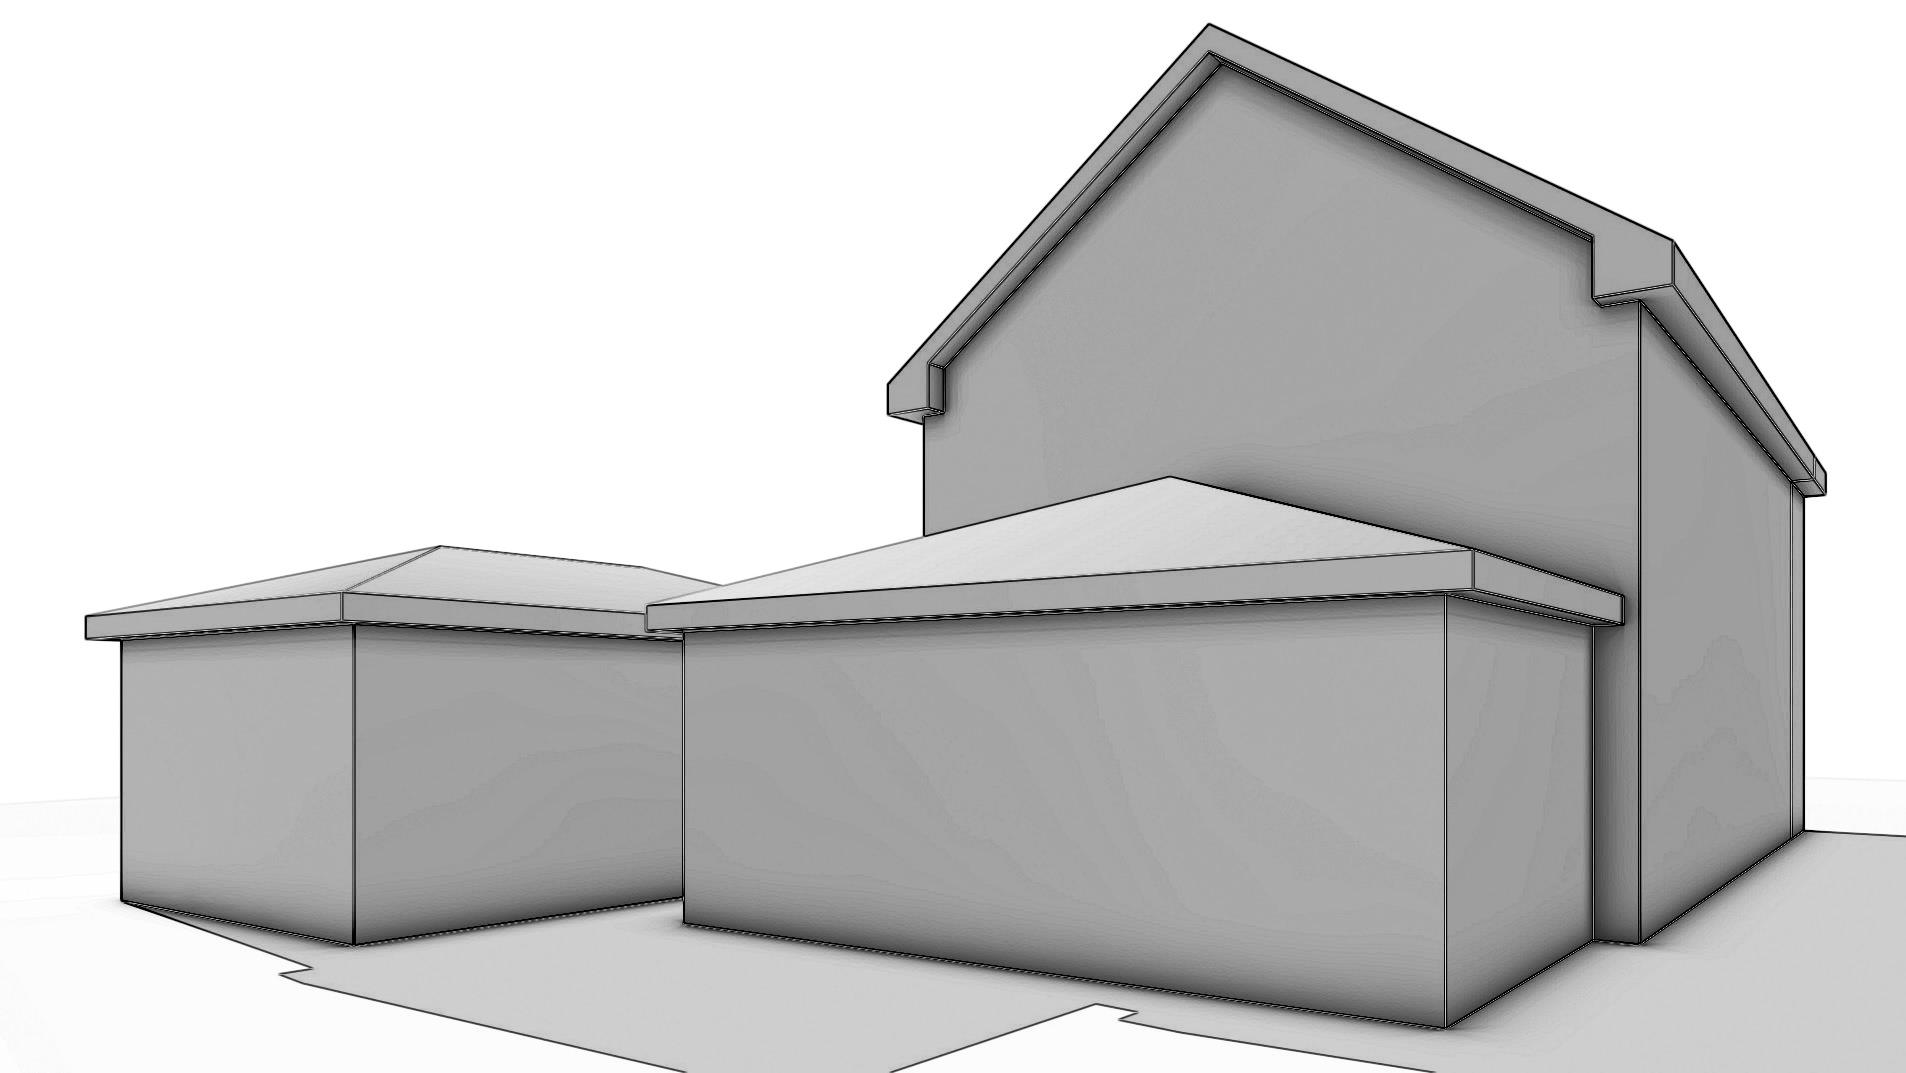 Roofline3-c.jpg